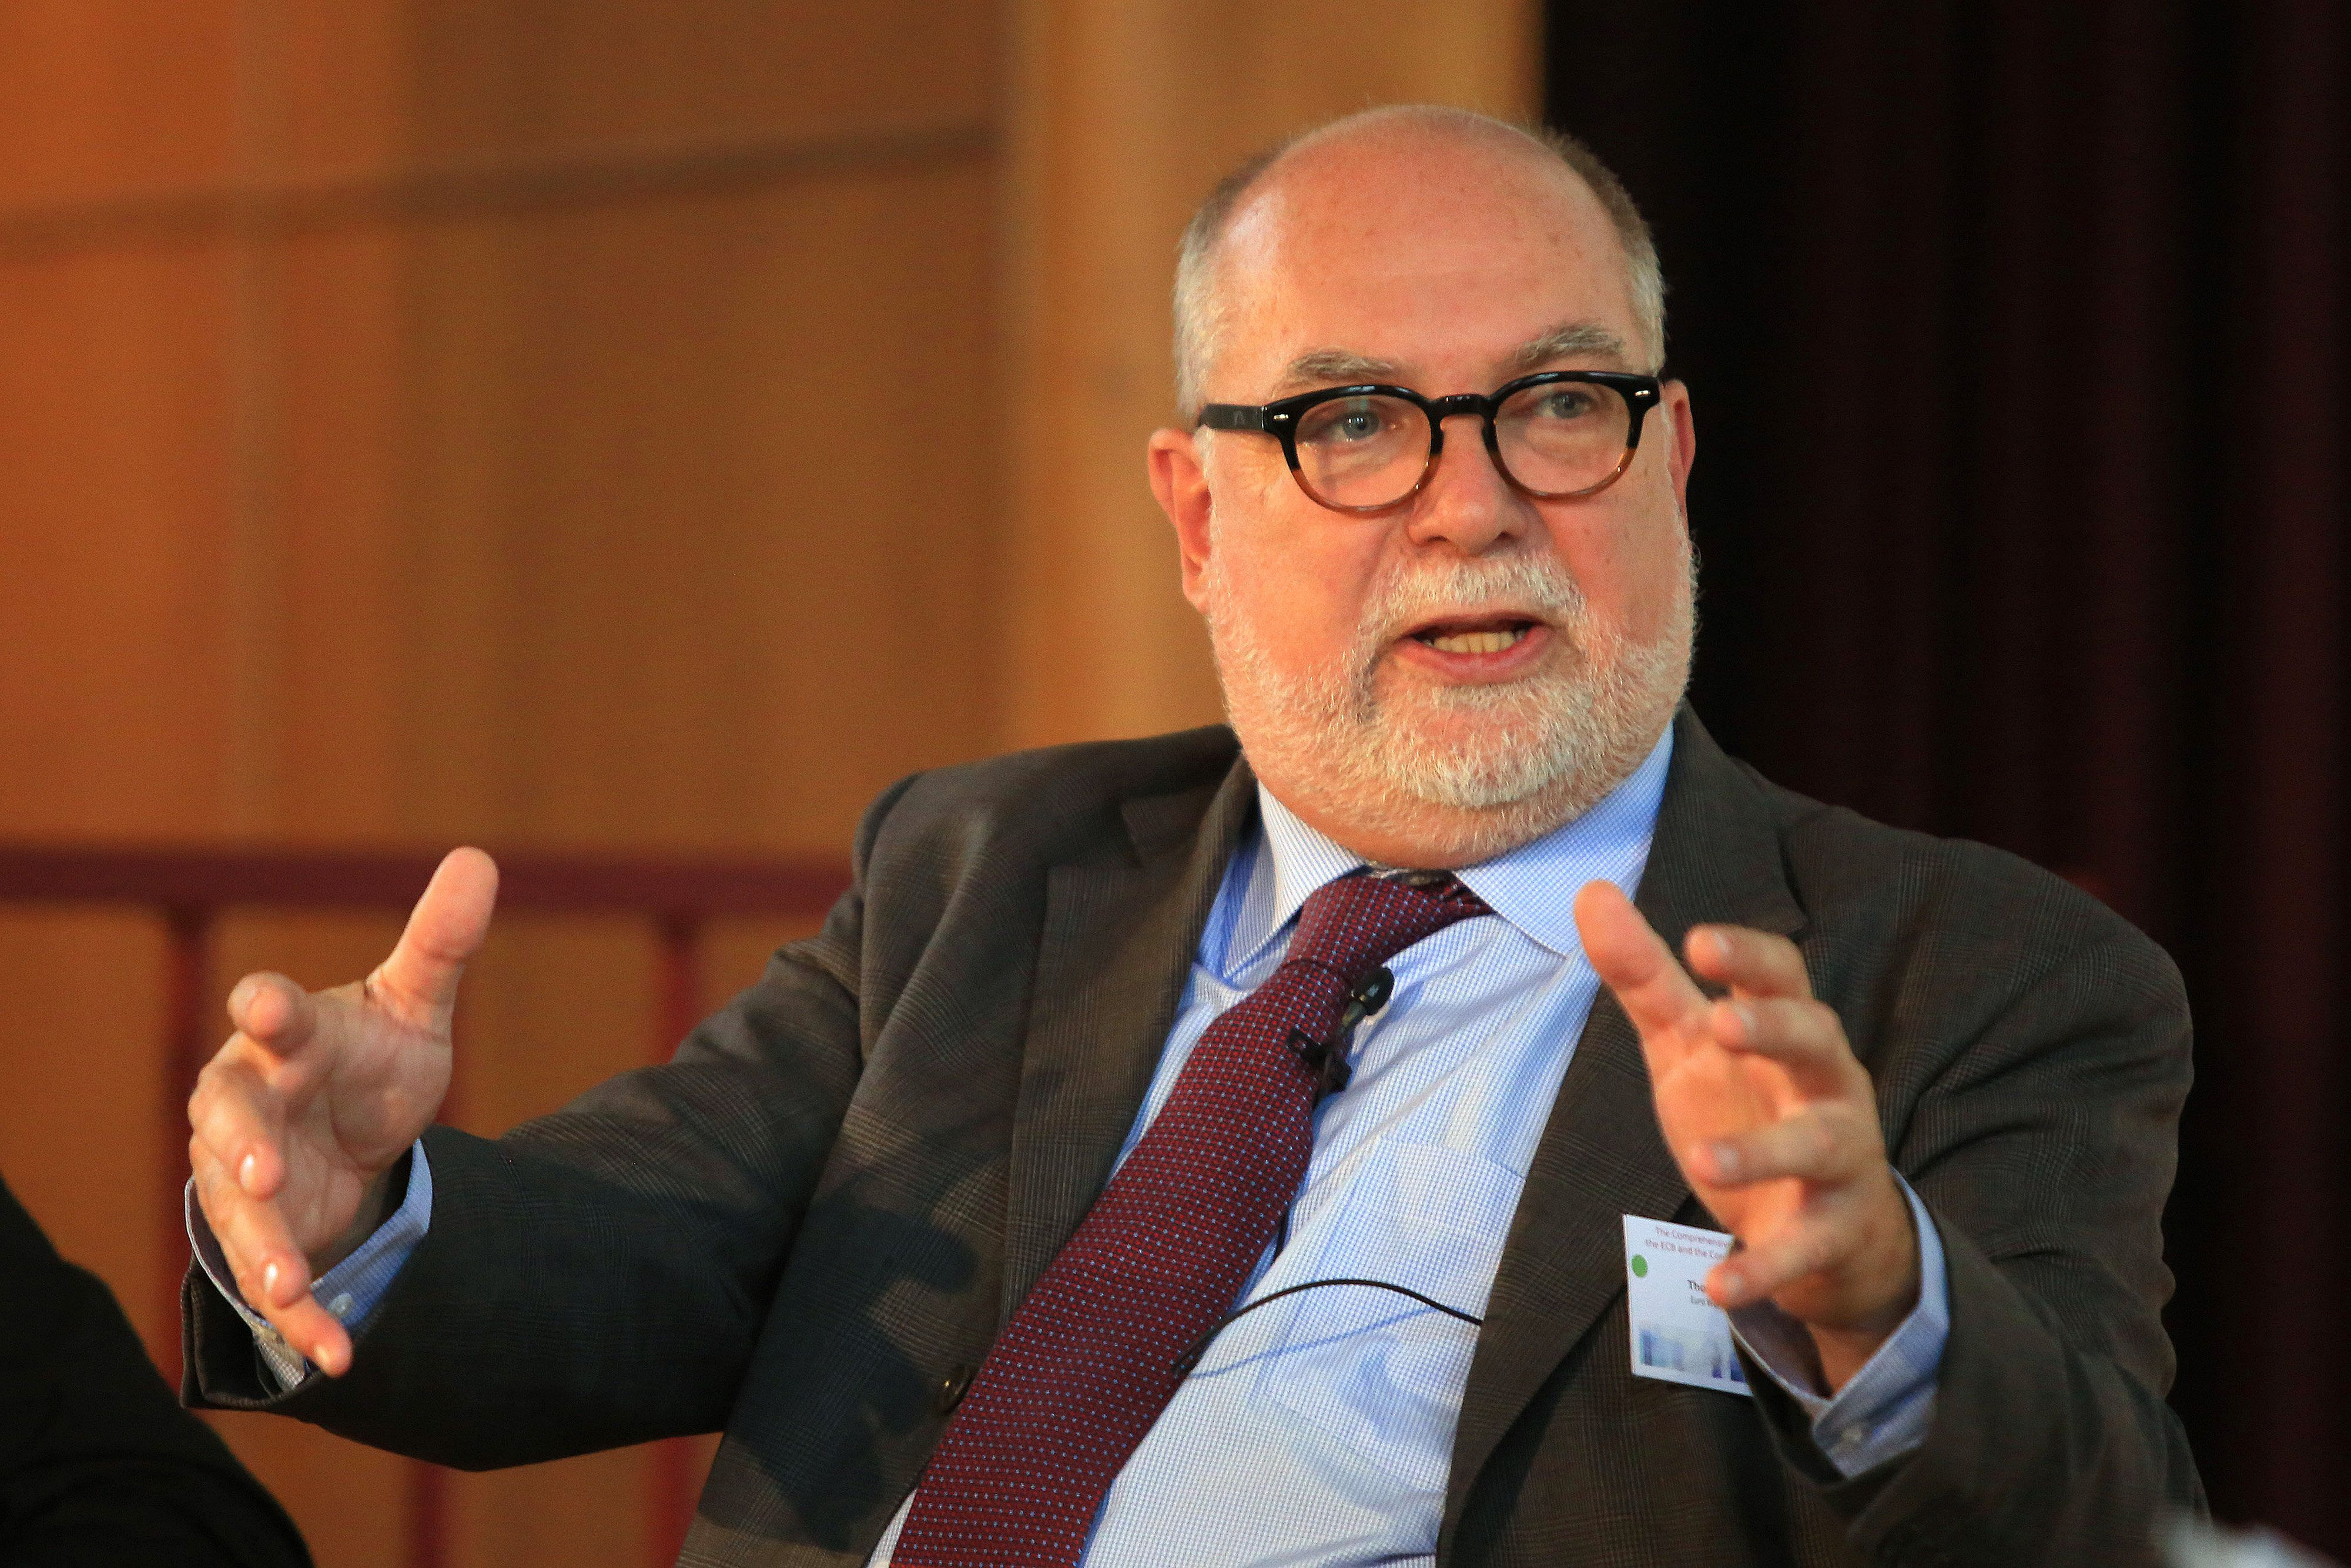 Βίζερ: Μόνο ο όψιμος ΣΥΡΙΖΑ αγκάλιασε πραγματικά τα